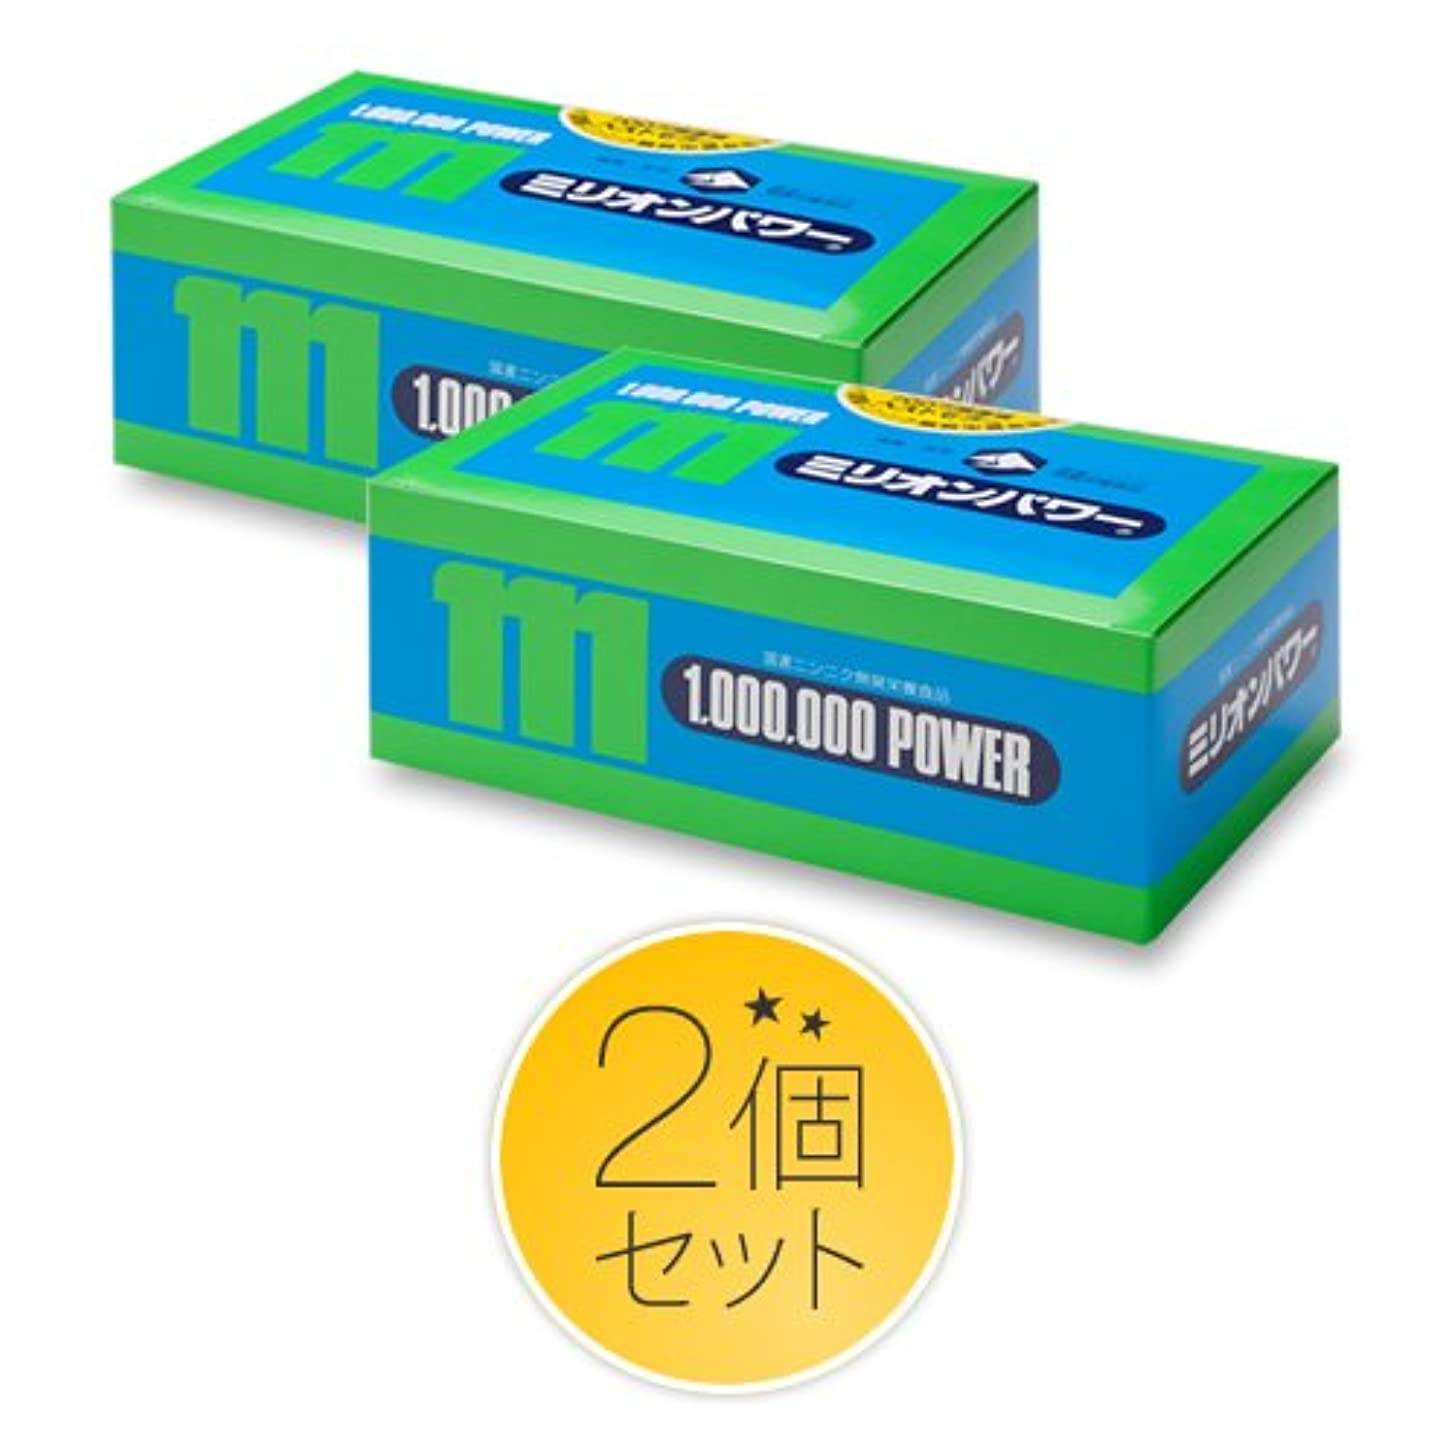 乱雑なスロー作詞家ミリオンパワー2箱セット【期間限定】EPA高配合 さらさら青魚プレゼント